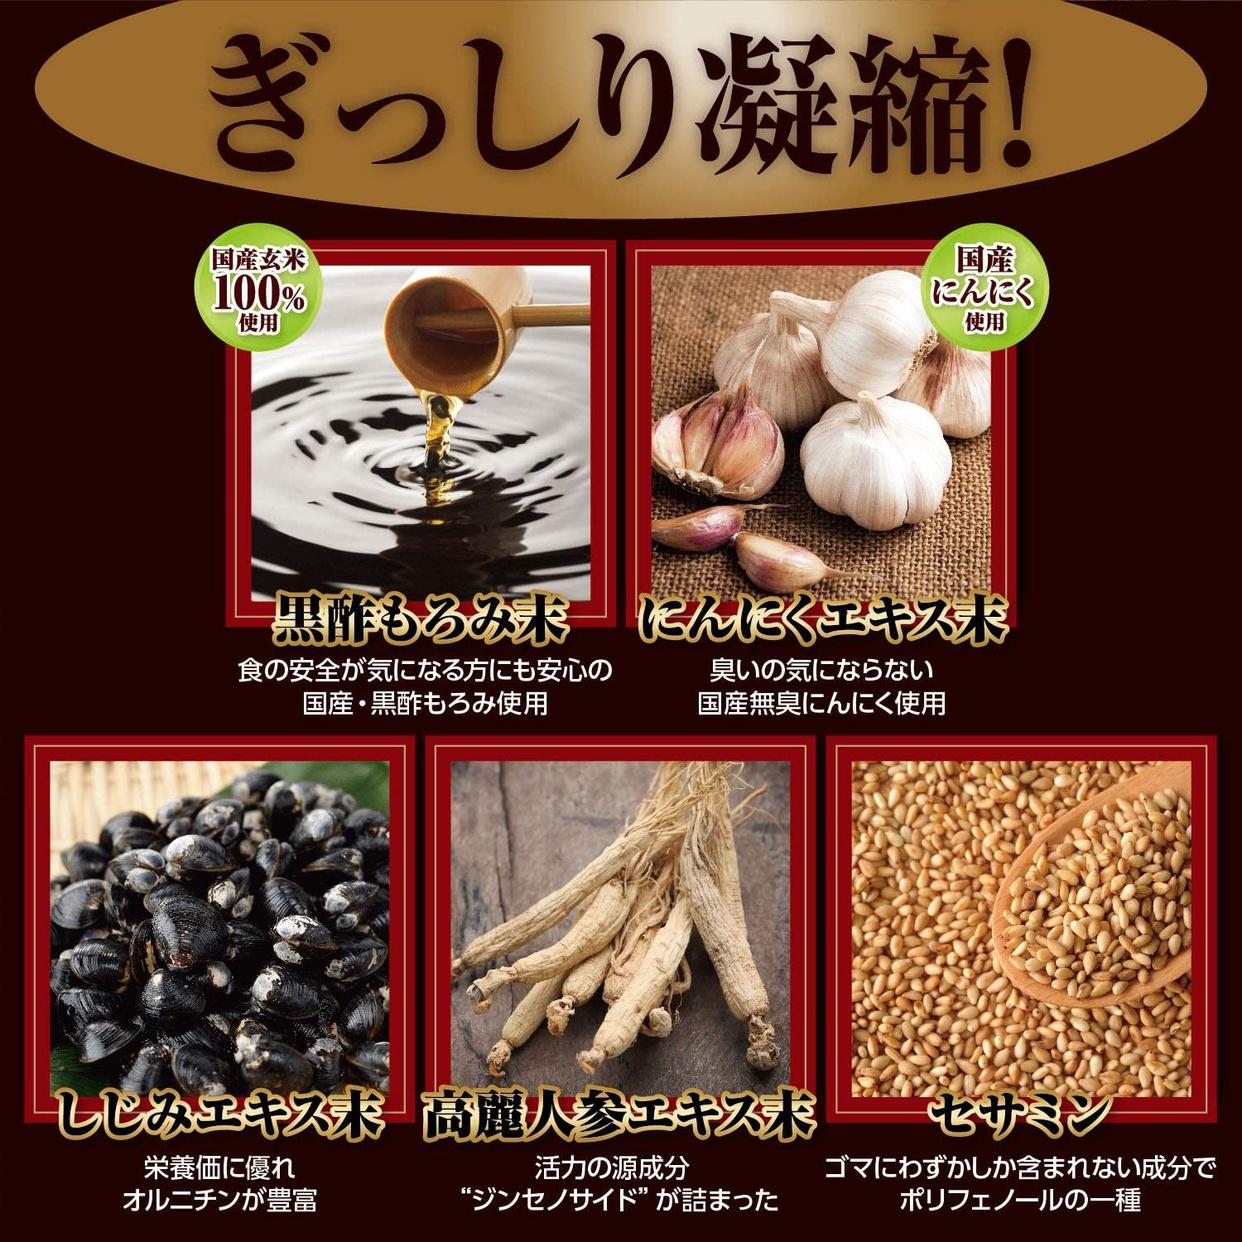 ORIHIRO(オリヒロ) しじみ高麗人参セサミンの入った黒酢にんにくの商品画像4